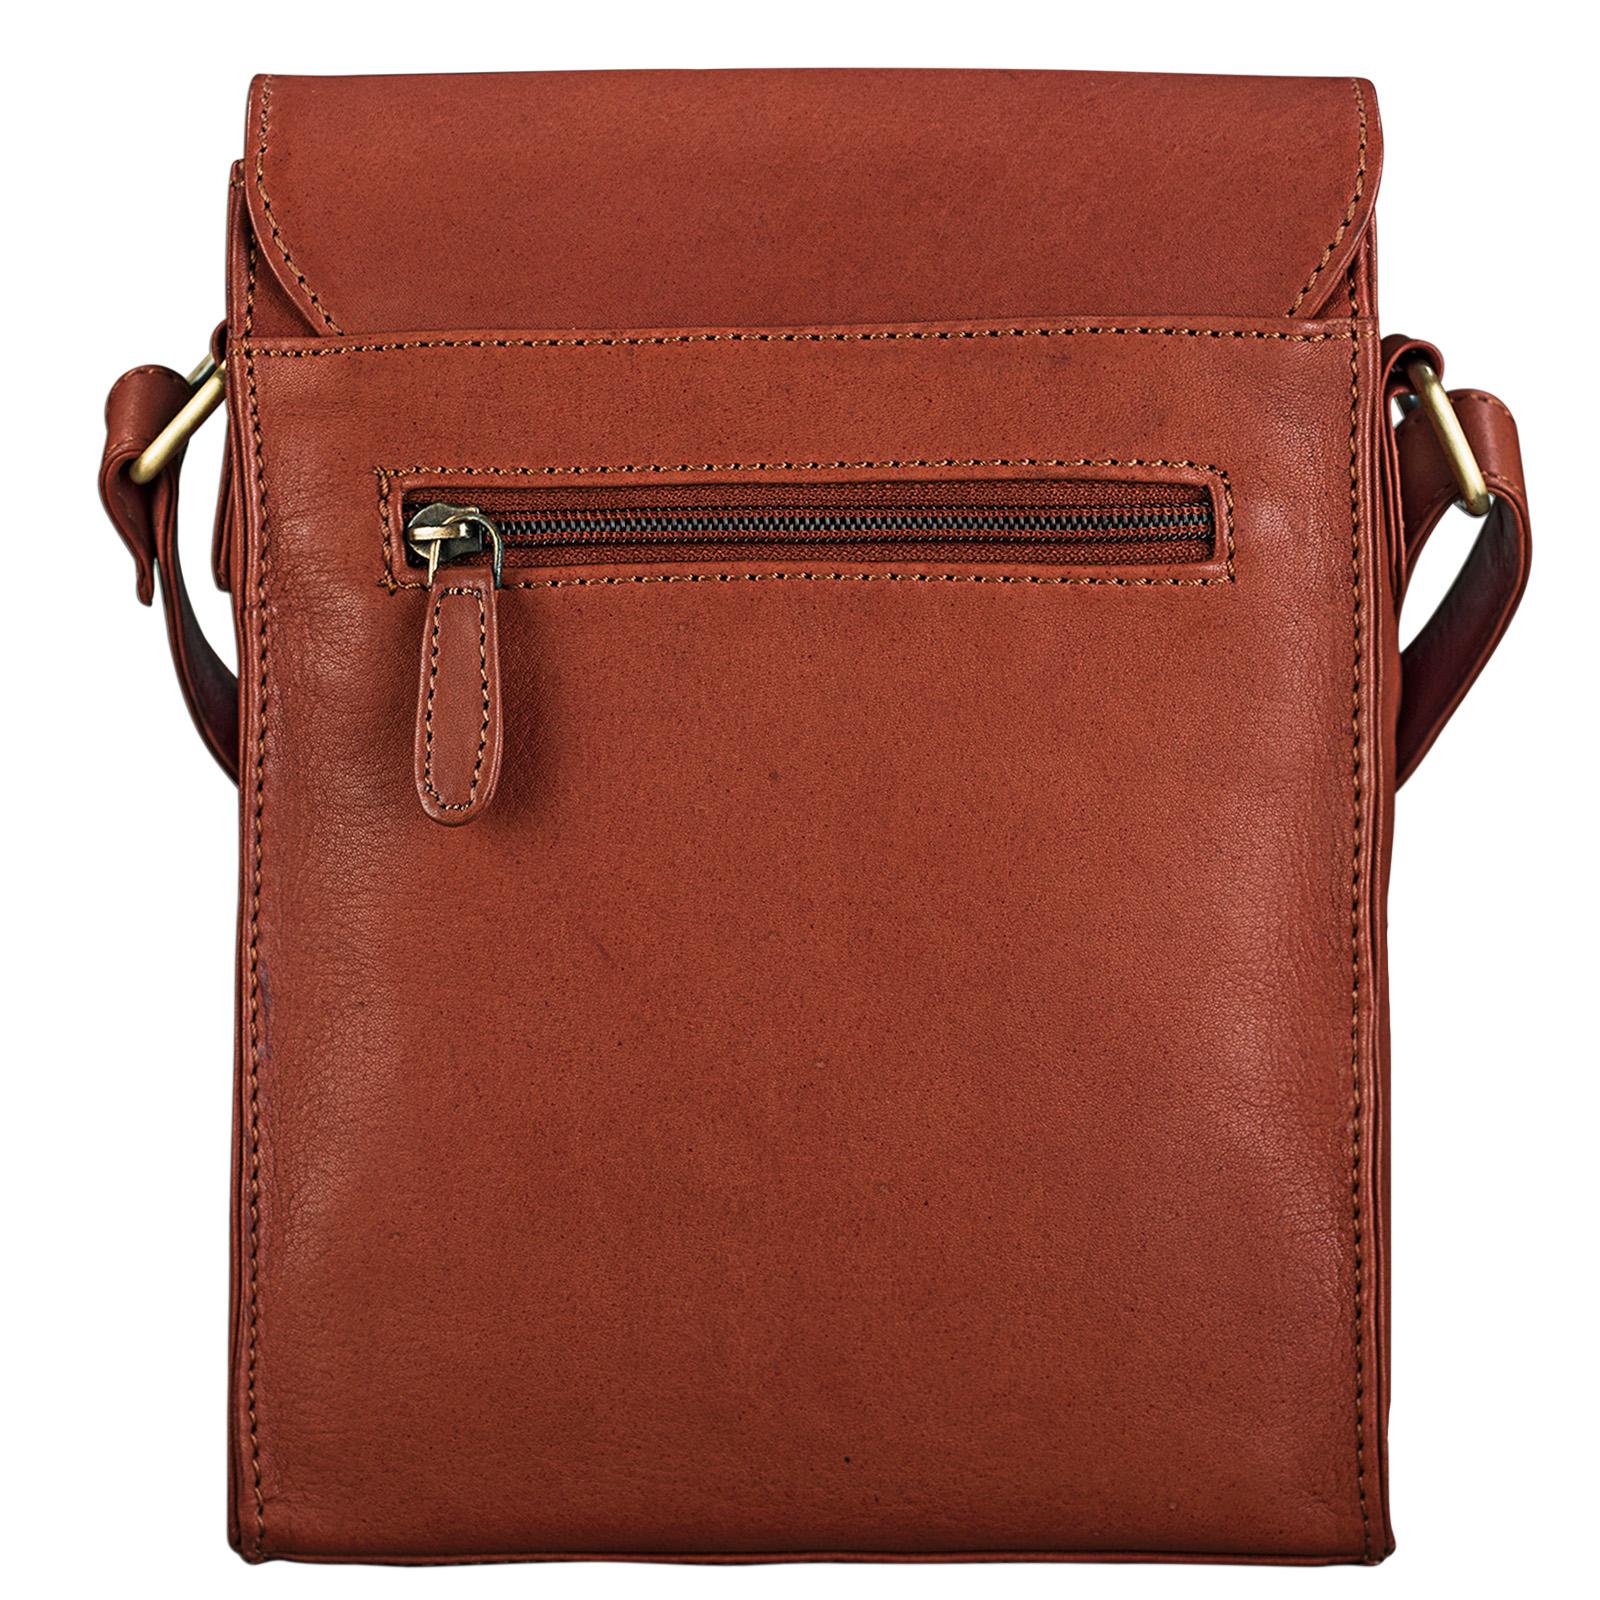 """STILORD """"Kilian"""" Vintage Umhängetasche Leder klein Unisex Messenger Bag für 8,4 Zoll Tablets Schultertasche Herren Damen echtes Leder - Bild 13"""